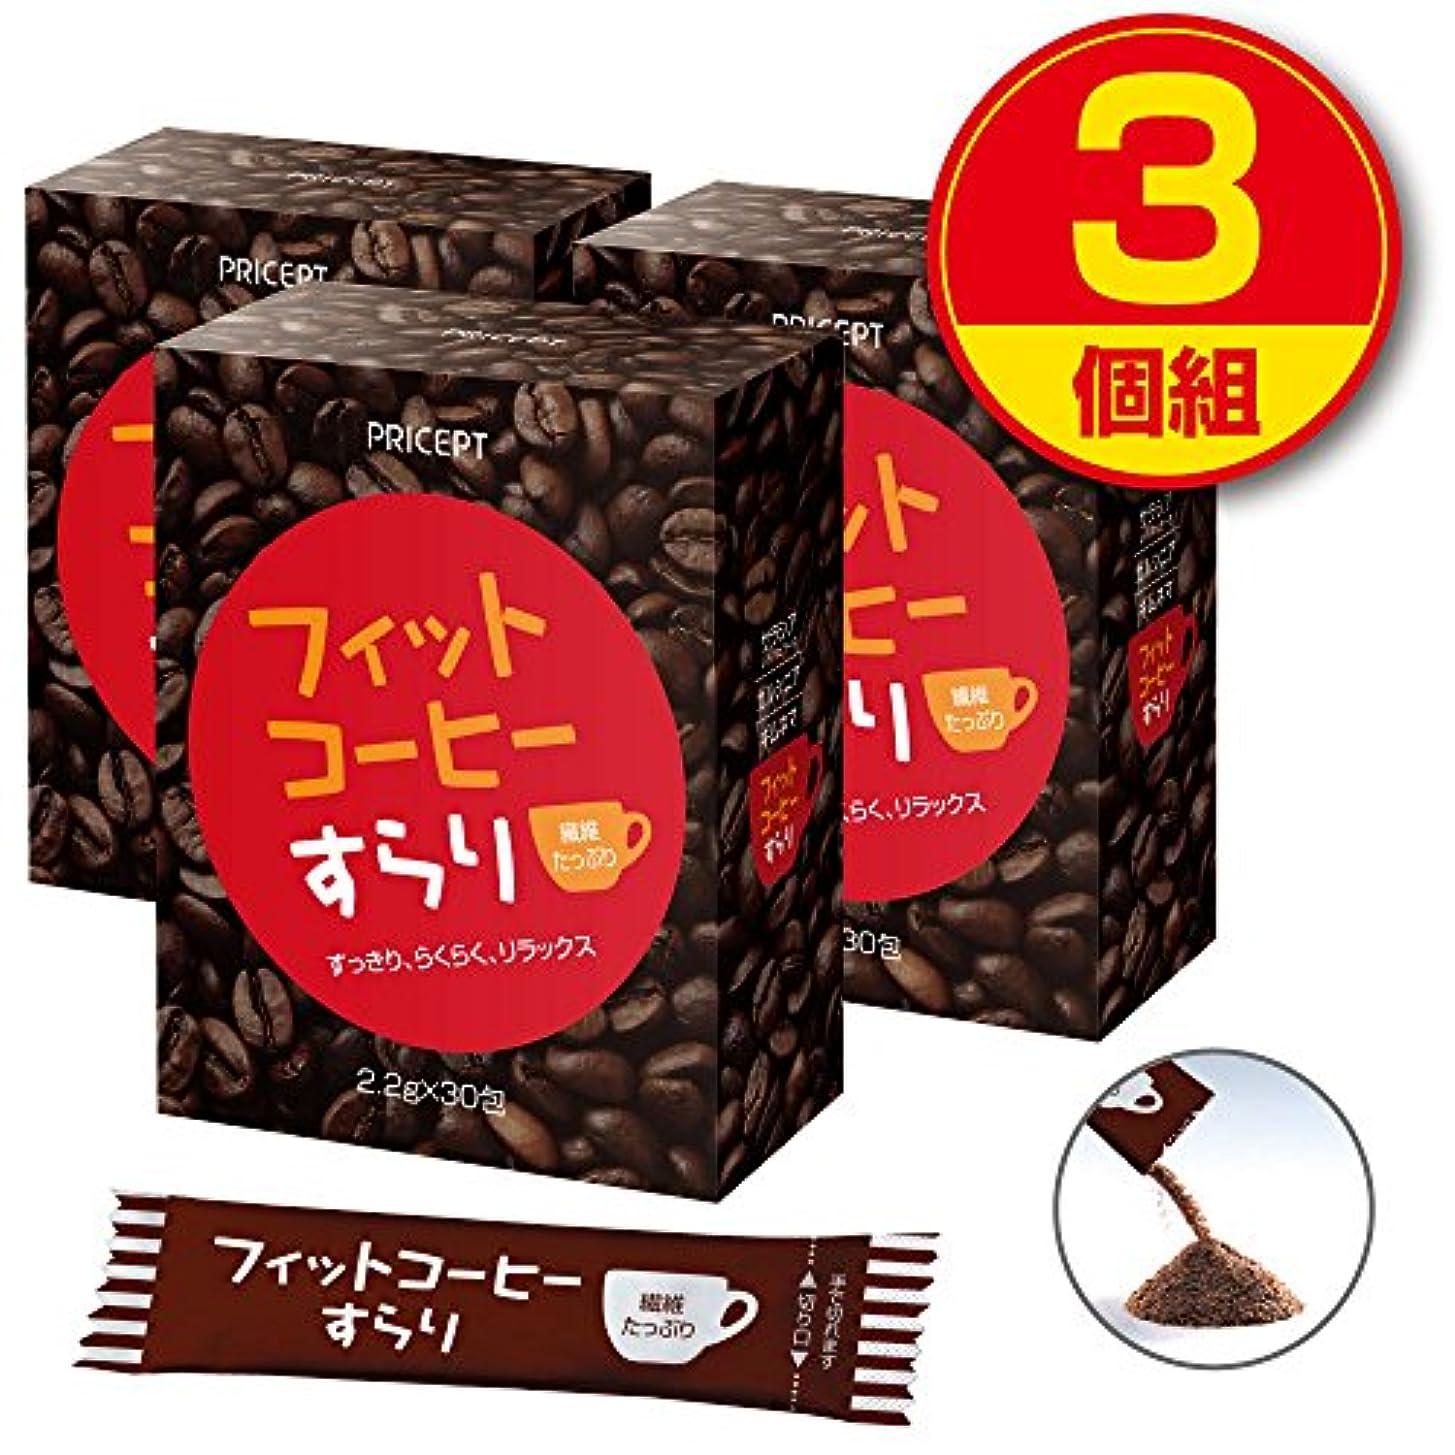 お酢メーカー伝えるプリセプト フィットコーヒーすらり 30包【3個組(90包)】(ダイエットサポートコーヒー)